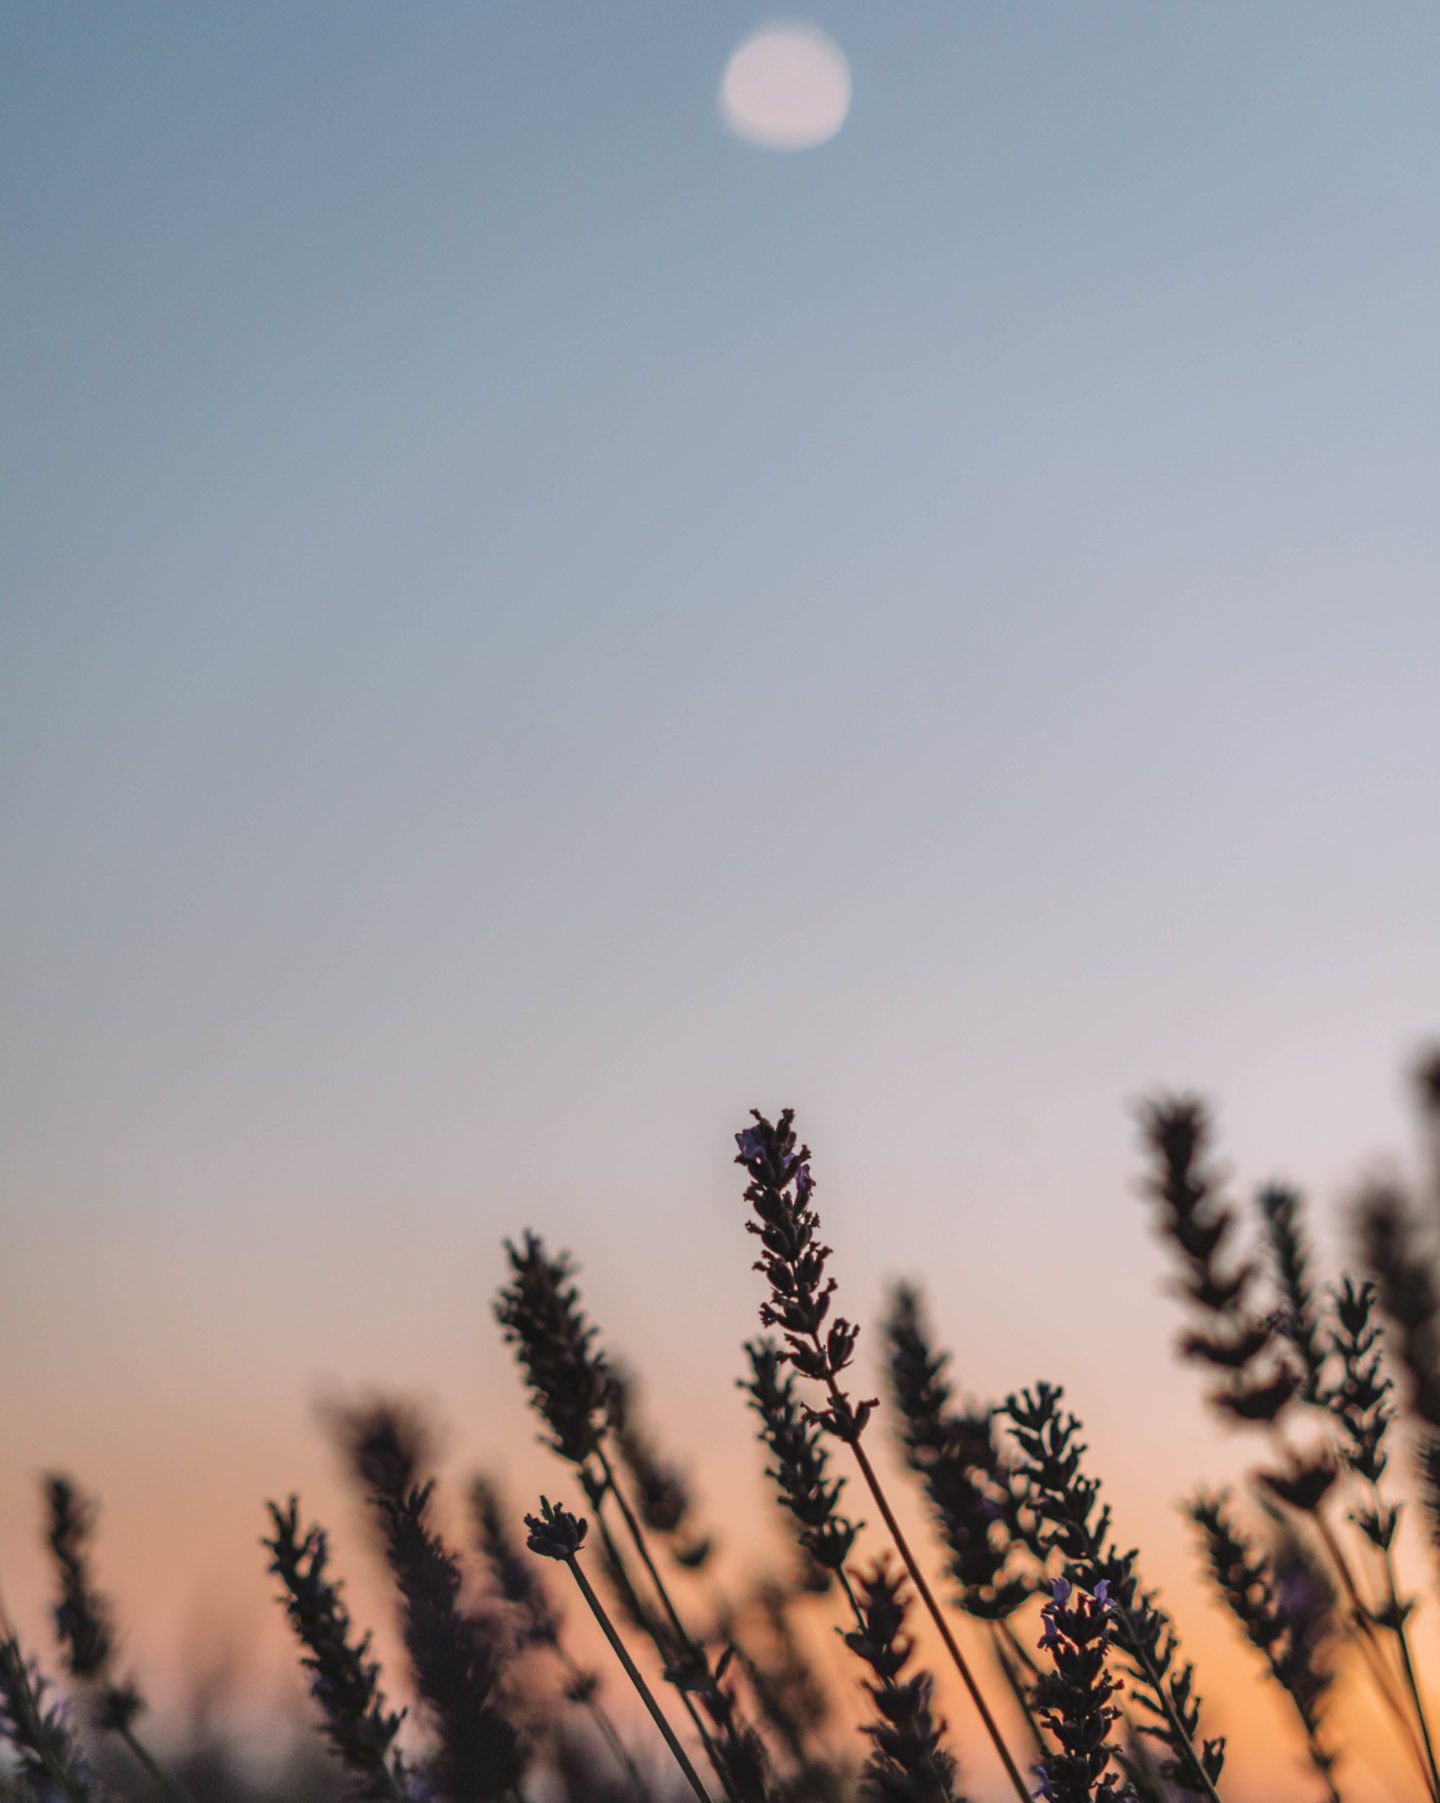 Apprendre la photo de paysage lors des couchés de soleil à Valensole